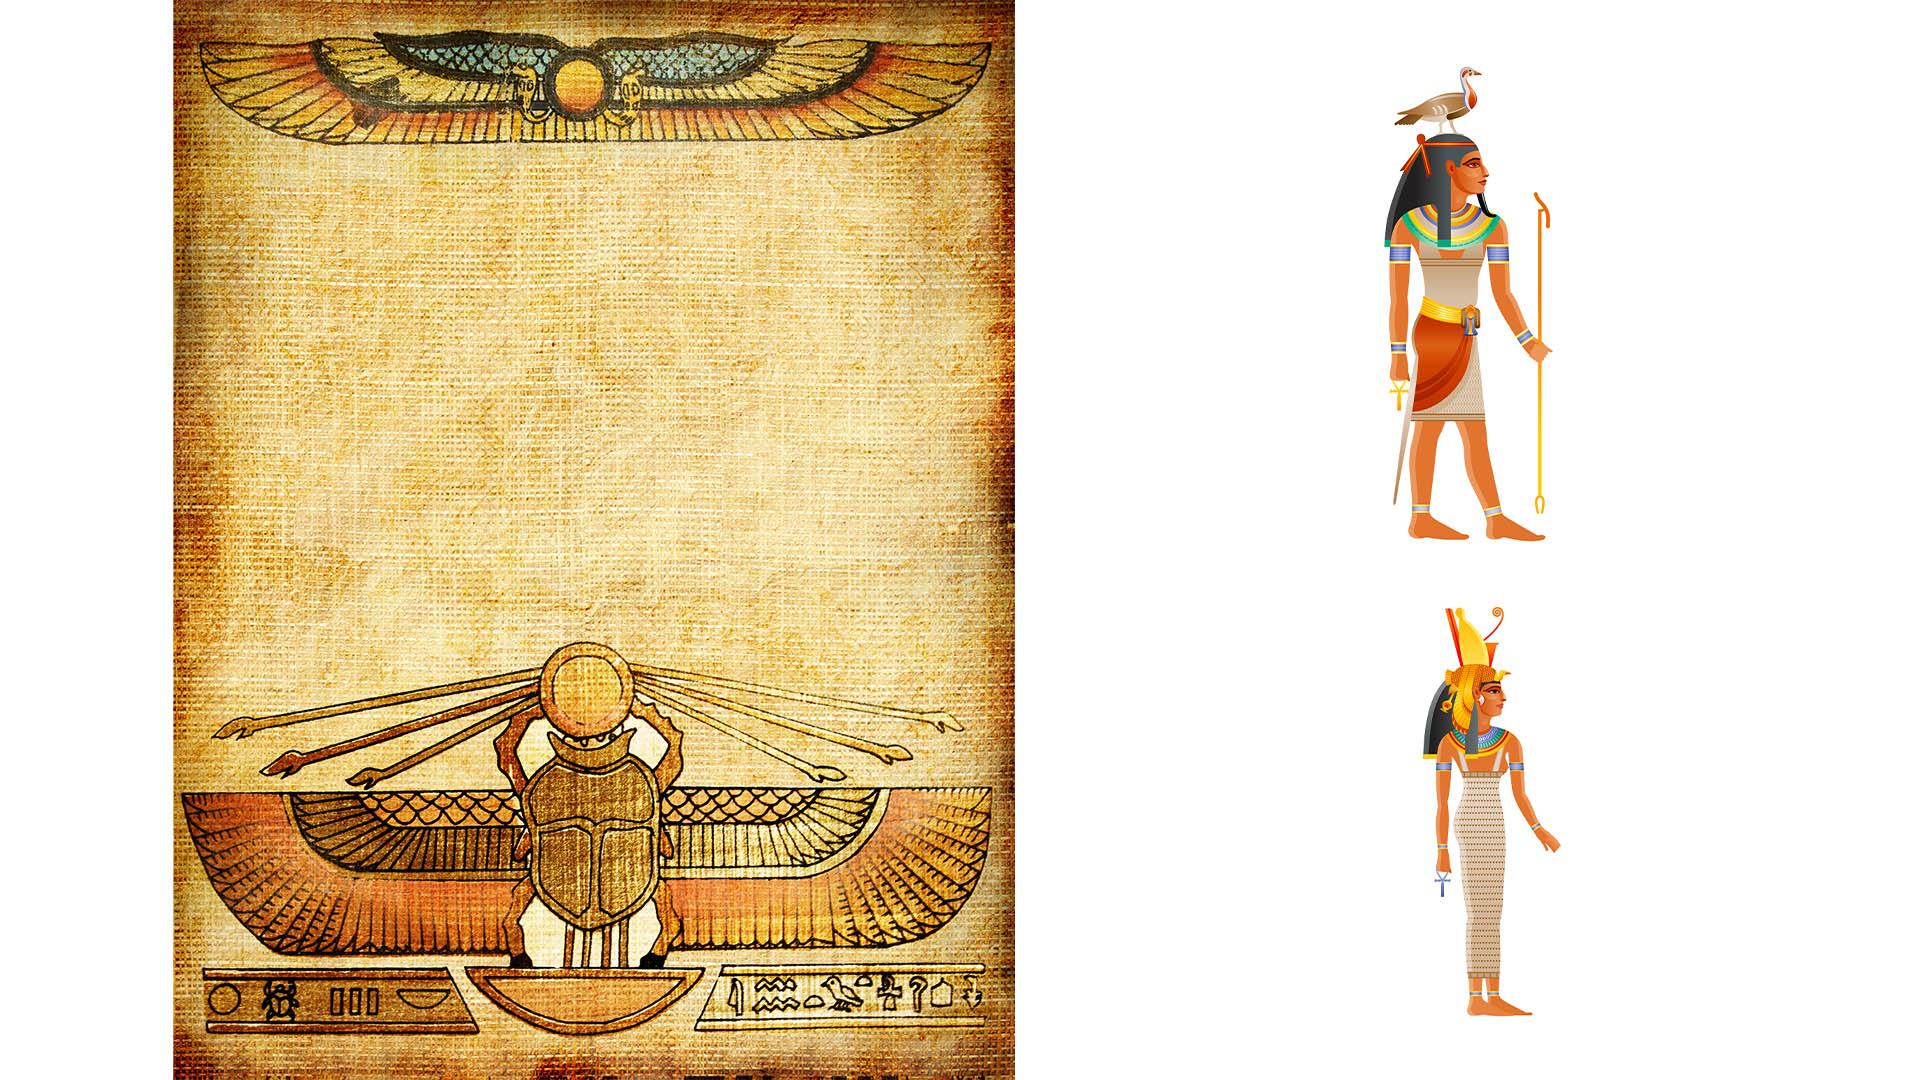 amon-rá egyiptomi horoszkóp geb gondoskodás holtak támogatója intelligencia Ízisz karizmatikus kreatív mut nílus optimista ősi bölcsesség ozirisz természet ványik dóra védelmező vezetők